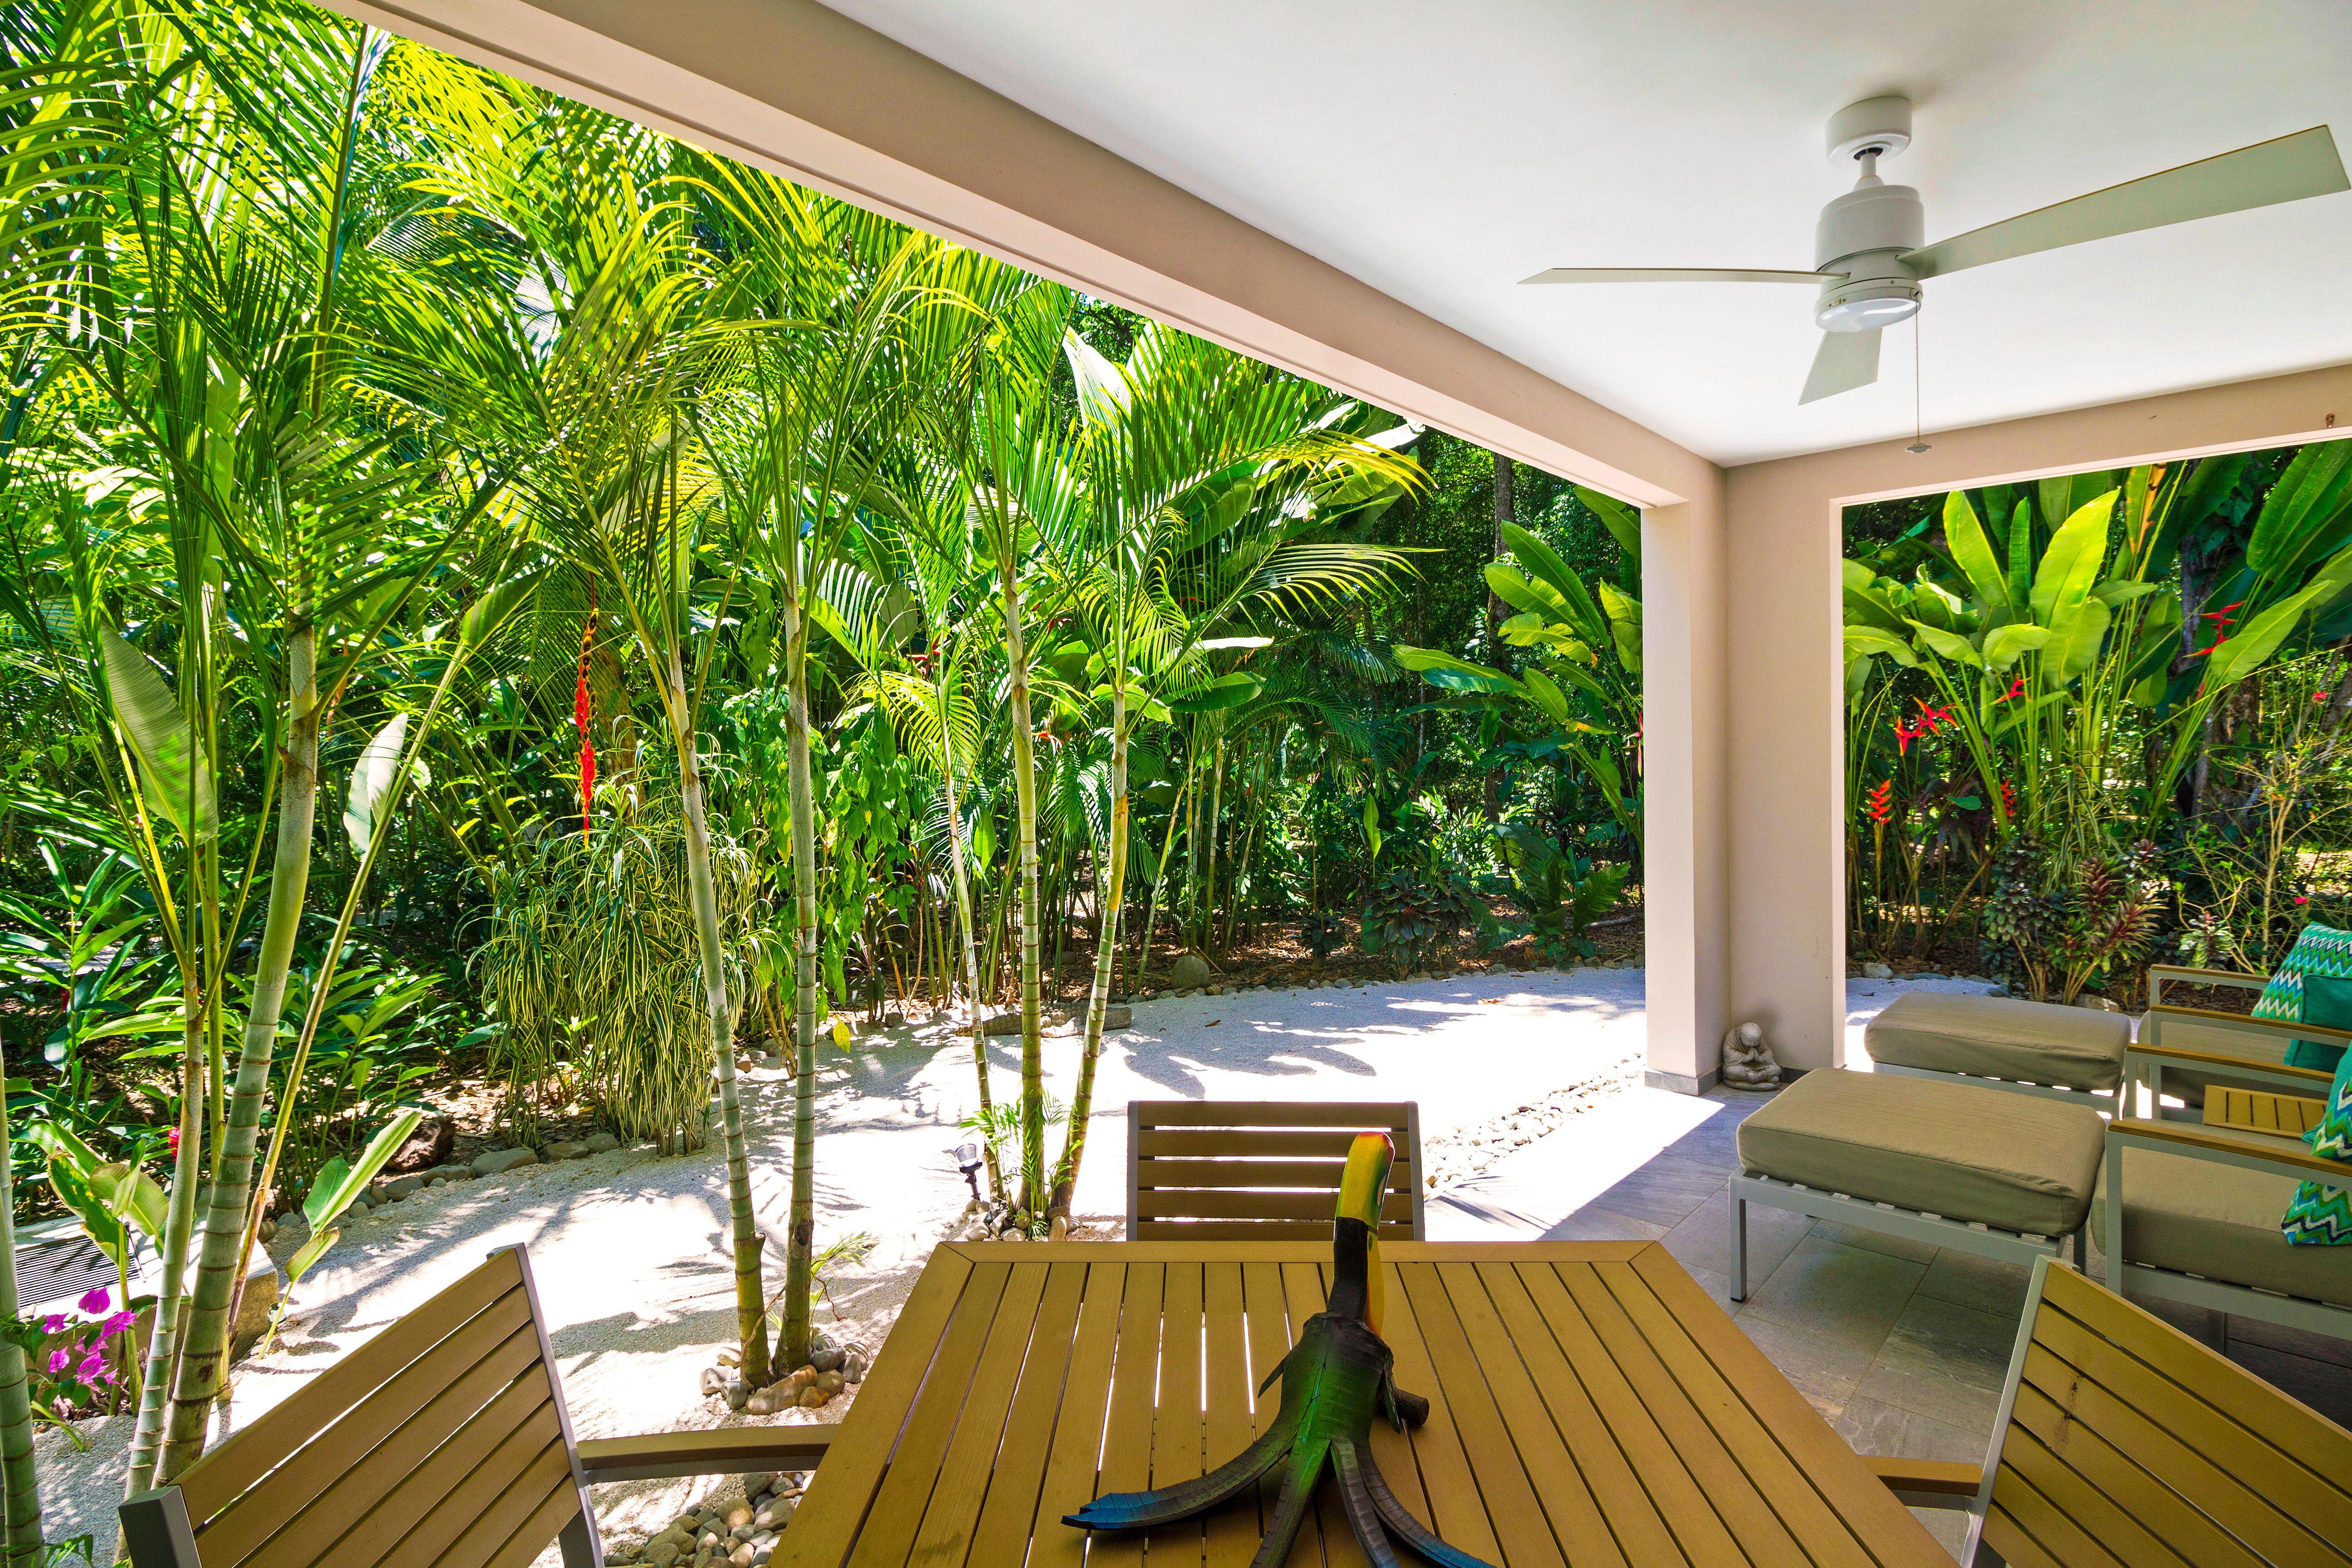 Uvita-Costa-Rica-property-costaricarealestateUVI301-4.jpeg